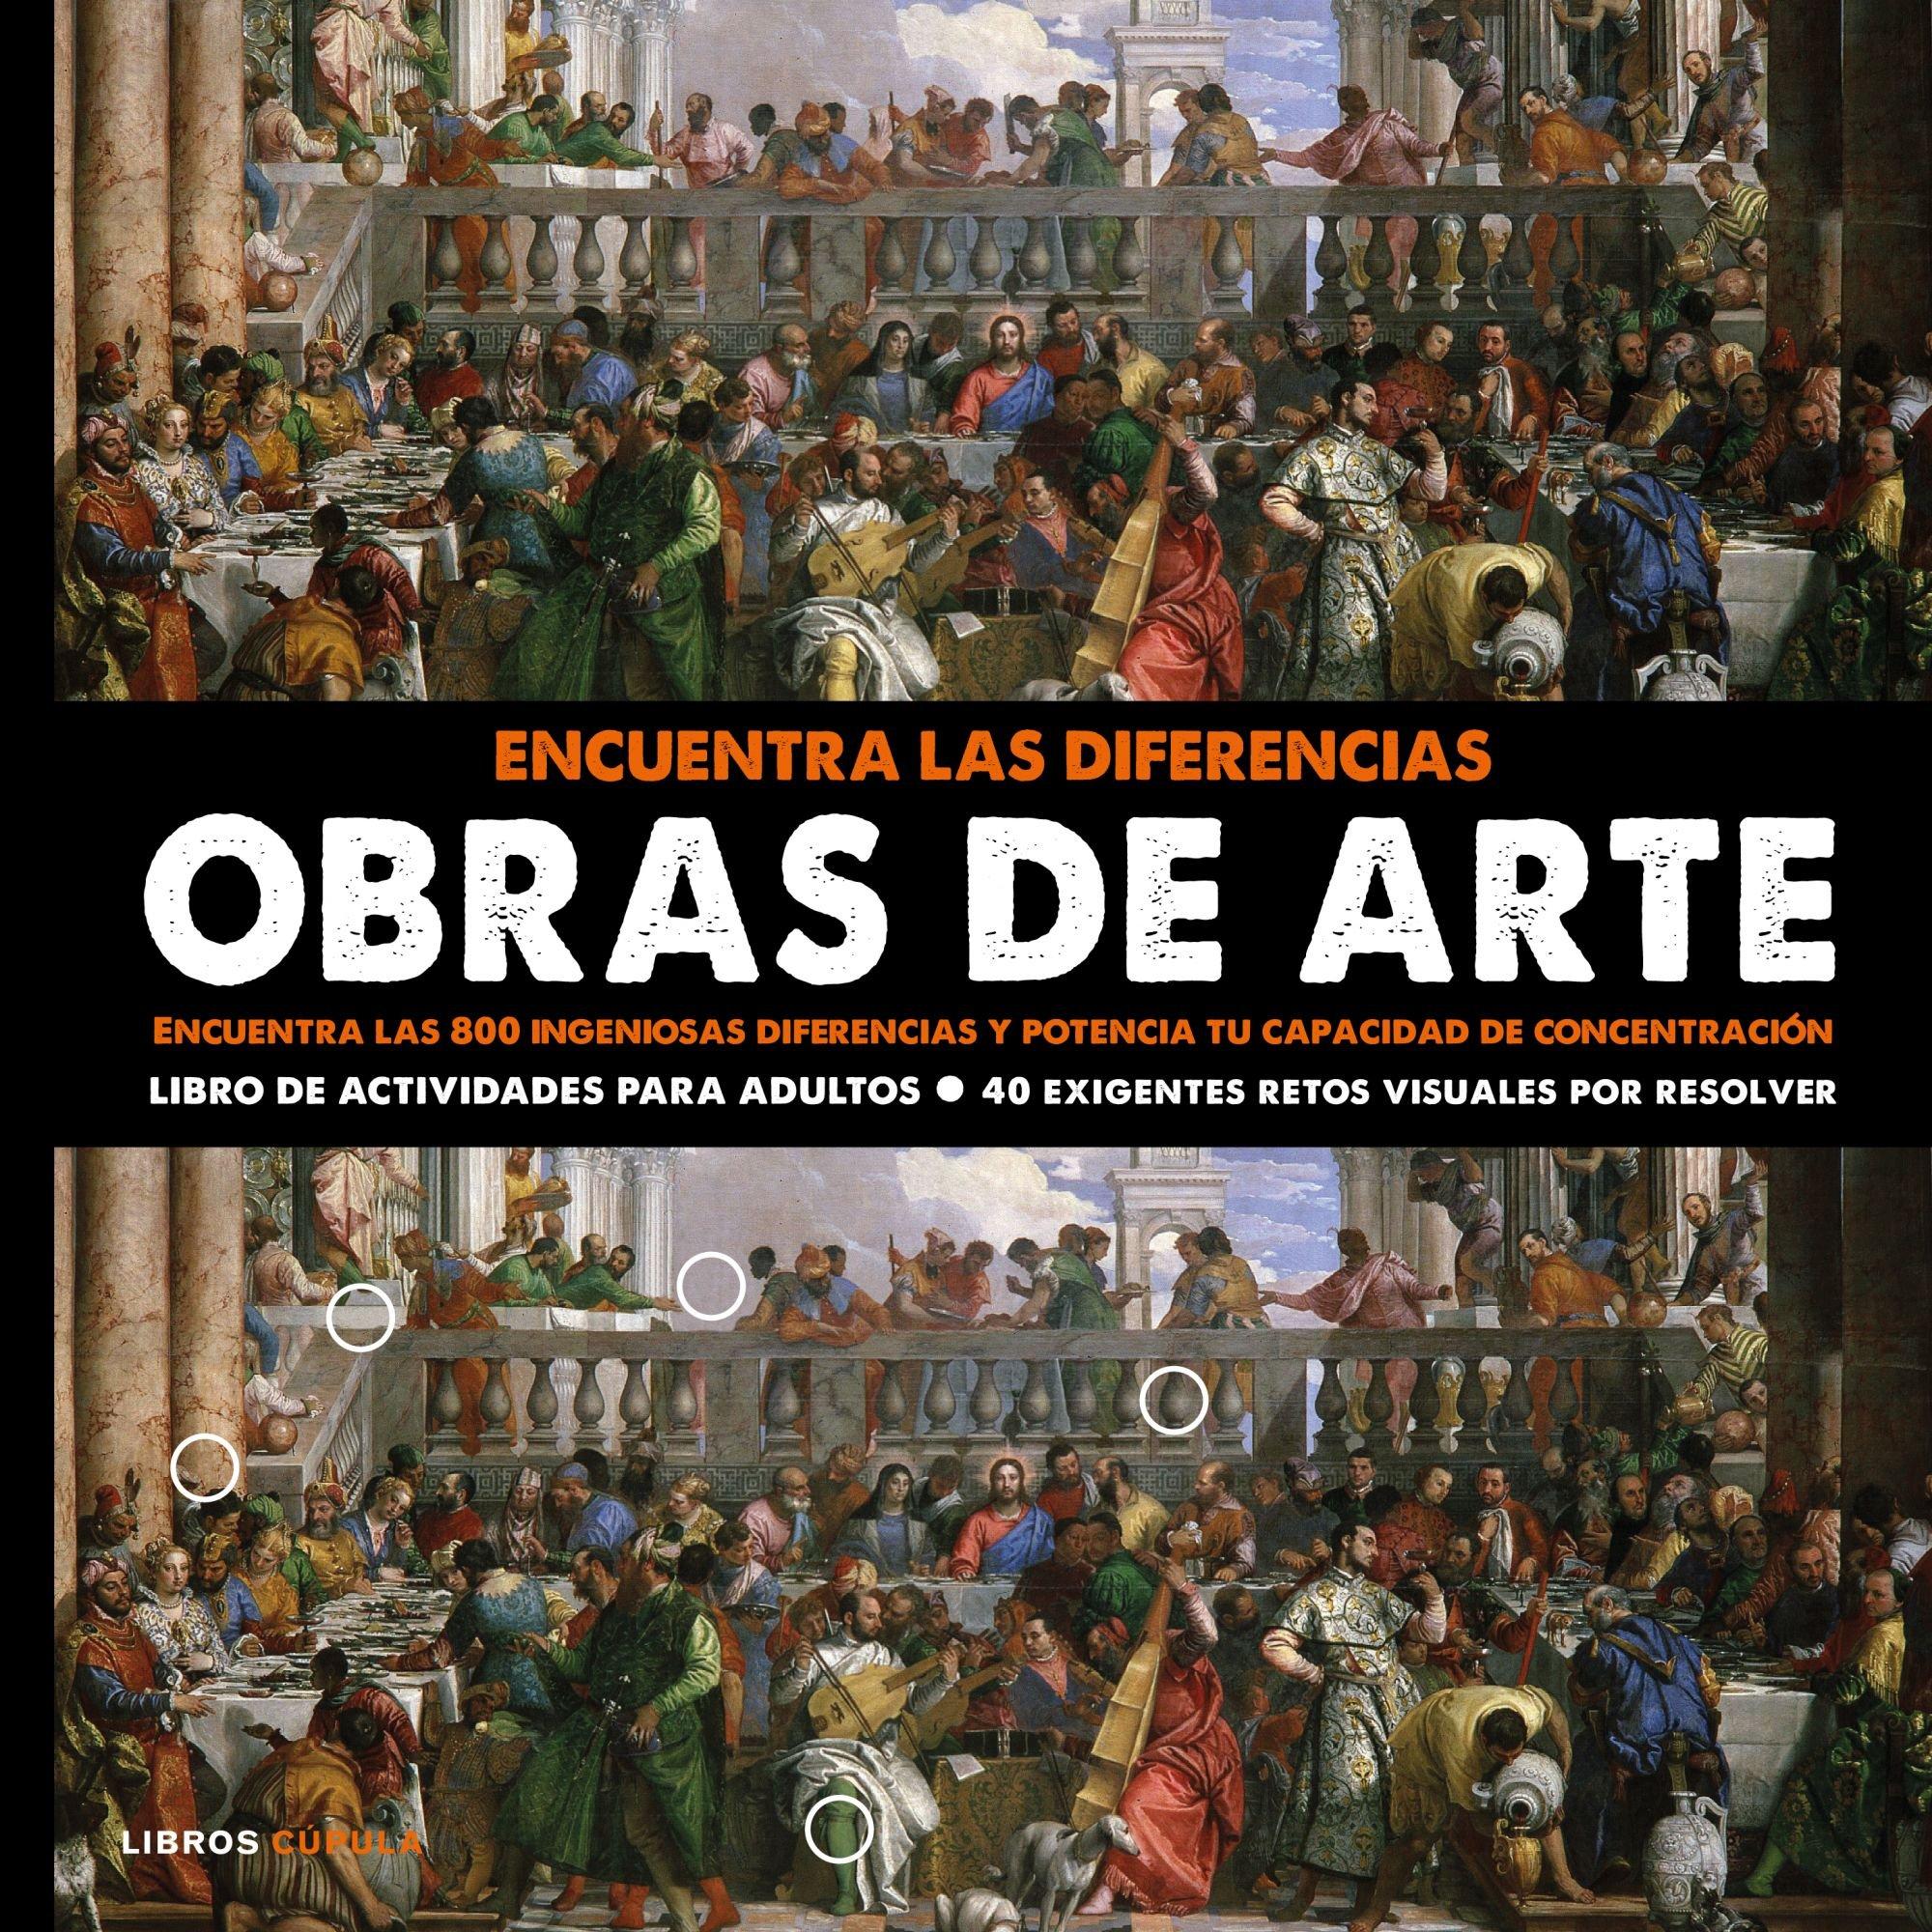 Encuentra las diferencias. Obras de arte: Encuentra las 800 ingeniosas diferencias y potencia tu capacidad de concentración Hobbies: Amazon.es: AA.